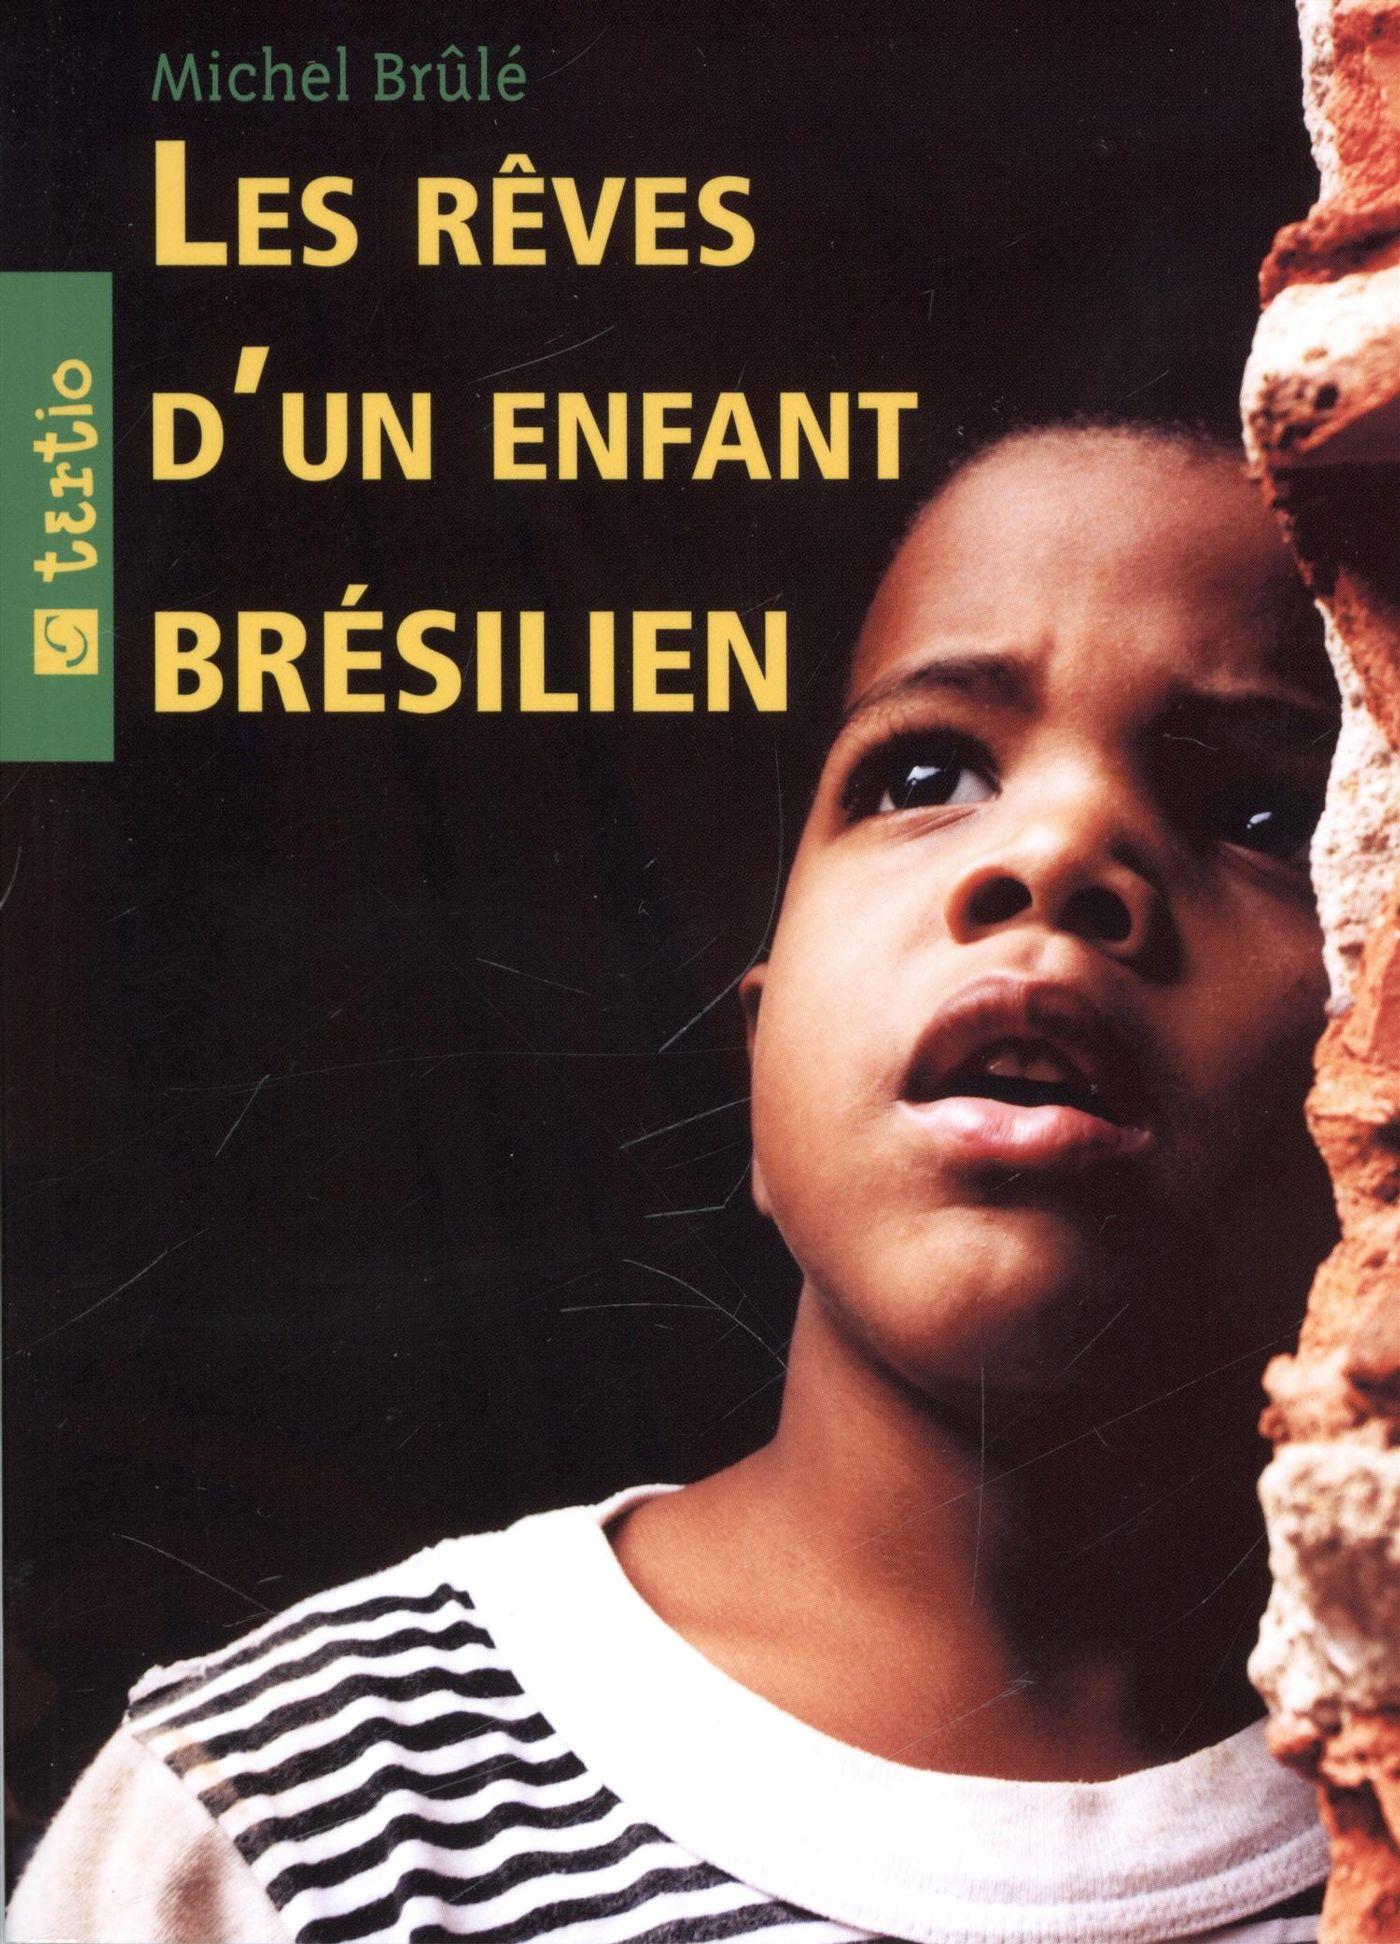 Les rêves d'un enfant brésilien